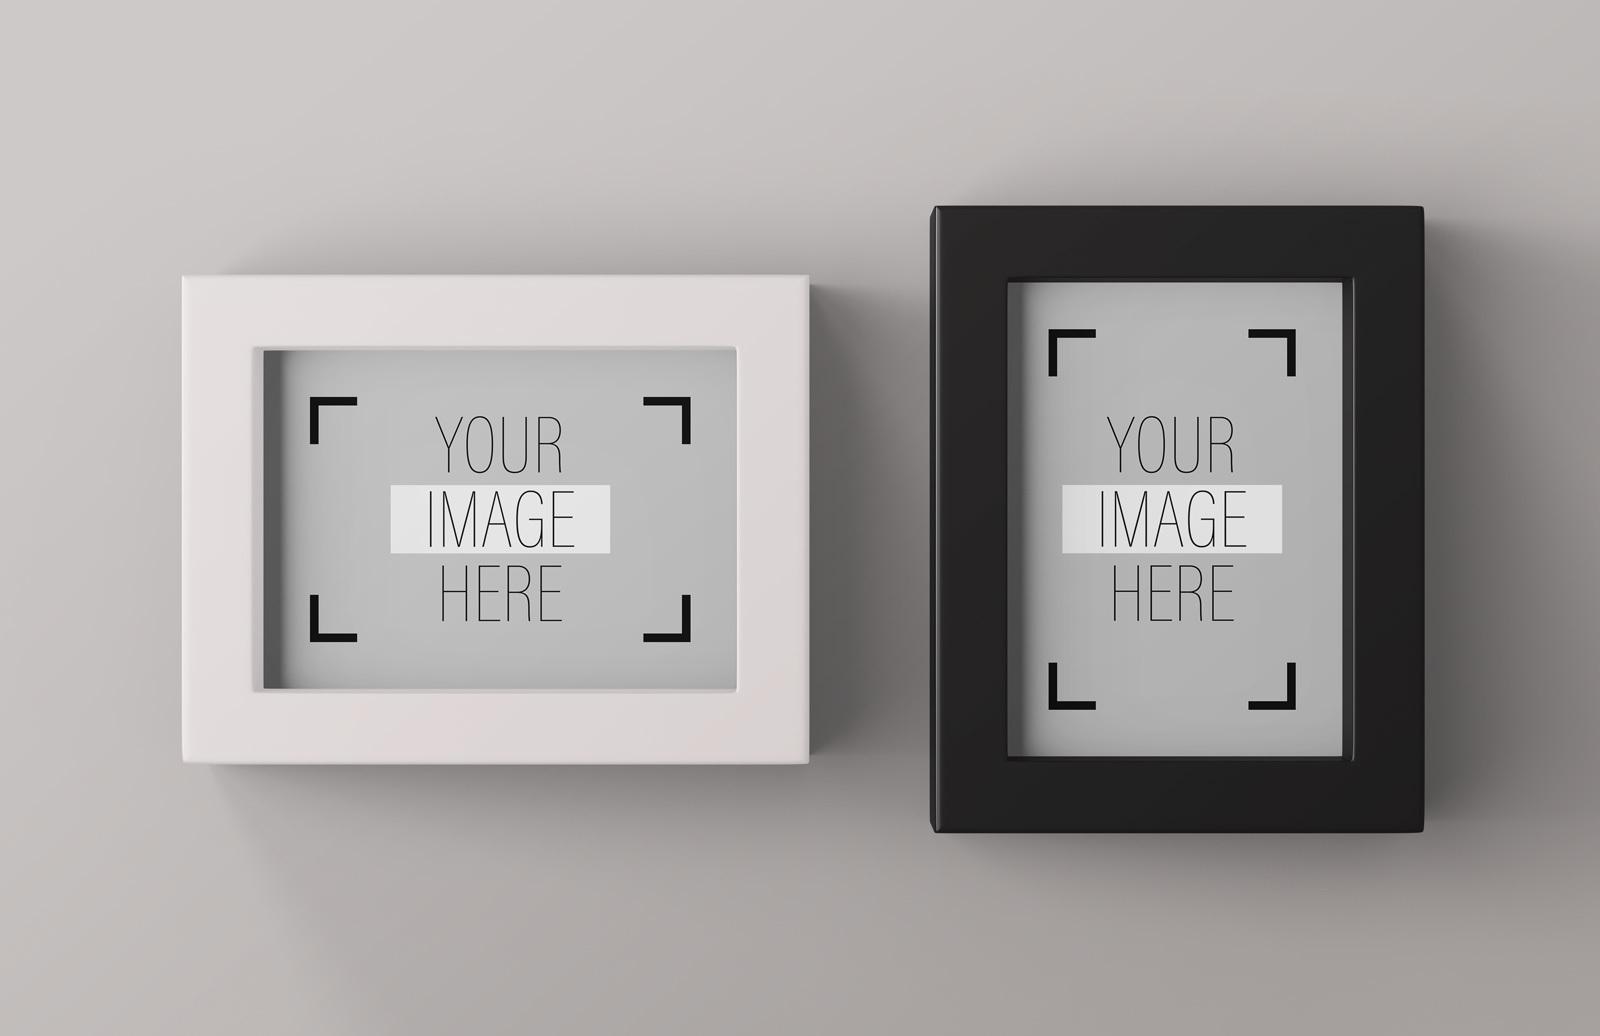 Modern Desktop Picture Frames Mockup Preview 1